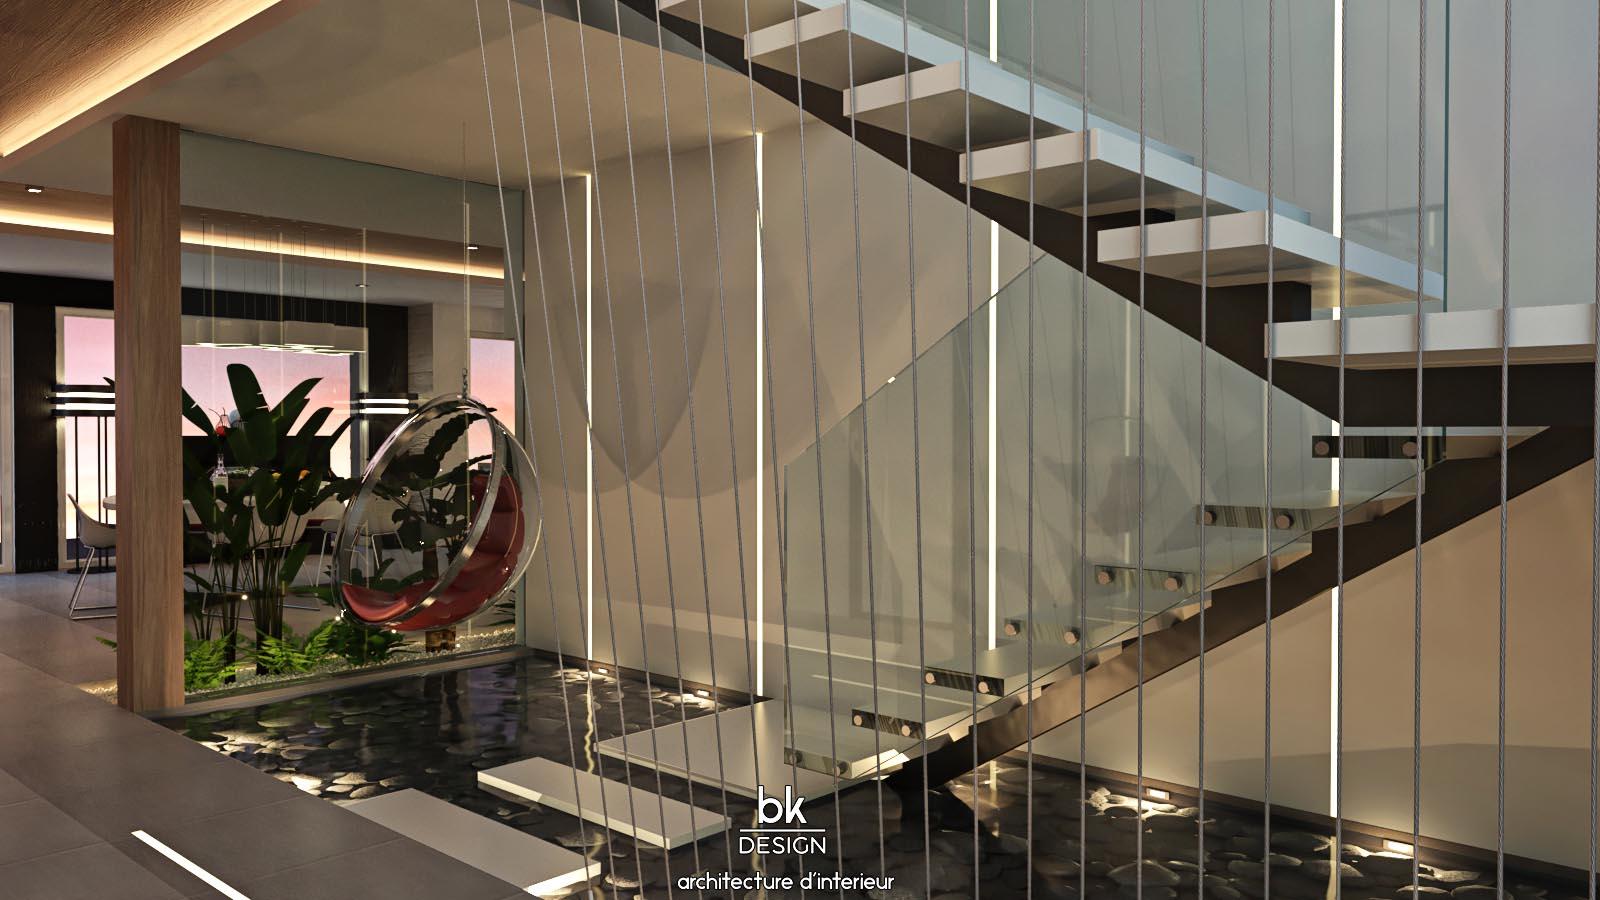 15 bk Design Projet Veymerange v3R01 Escalier